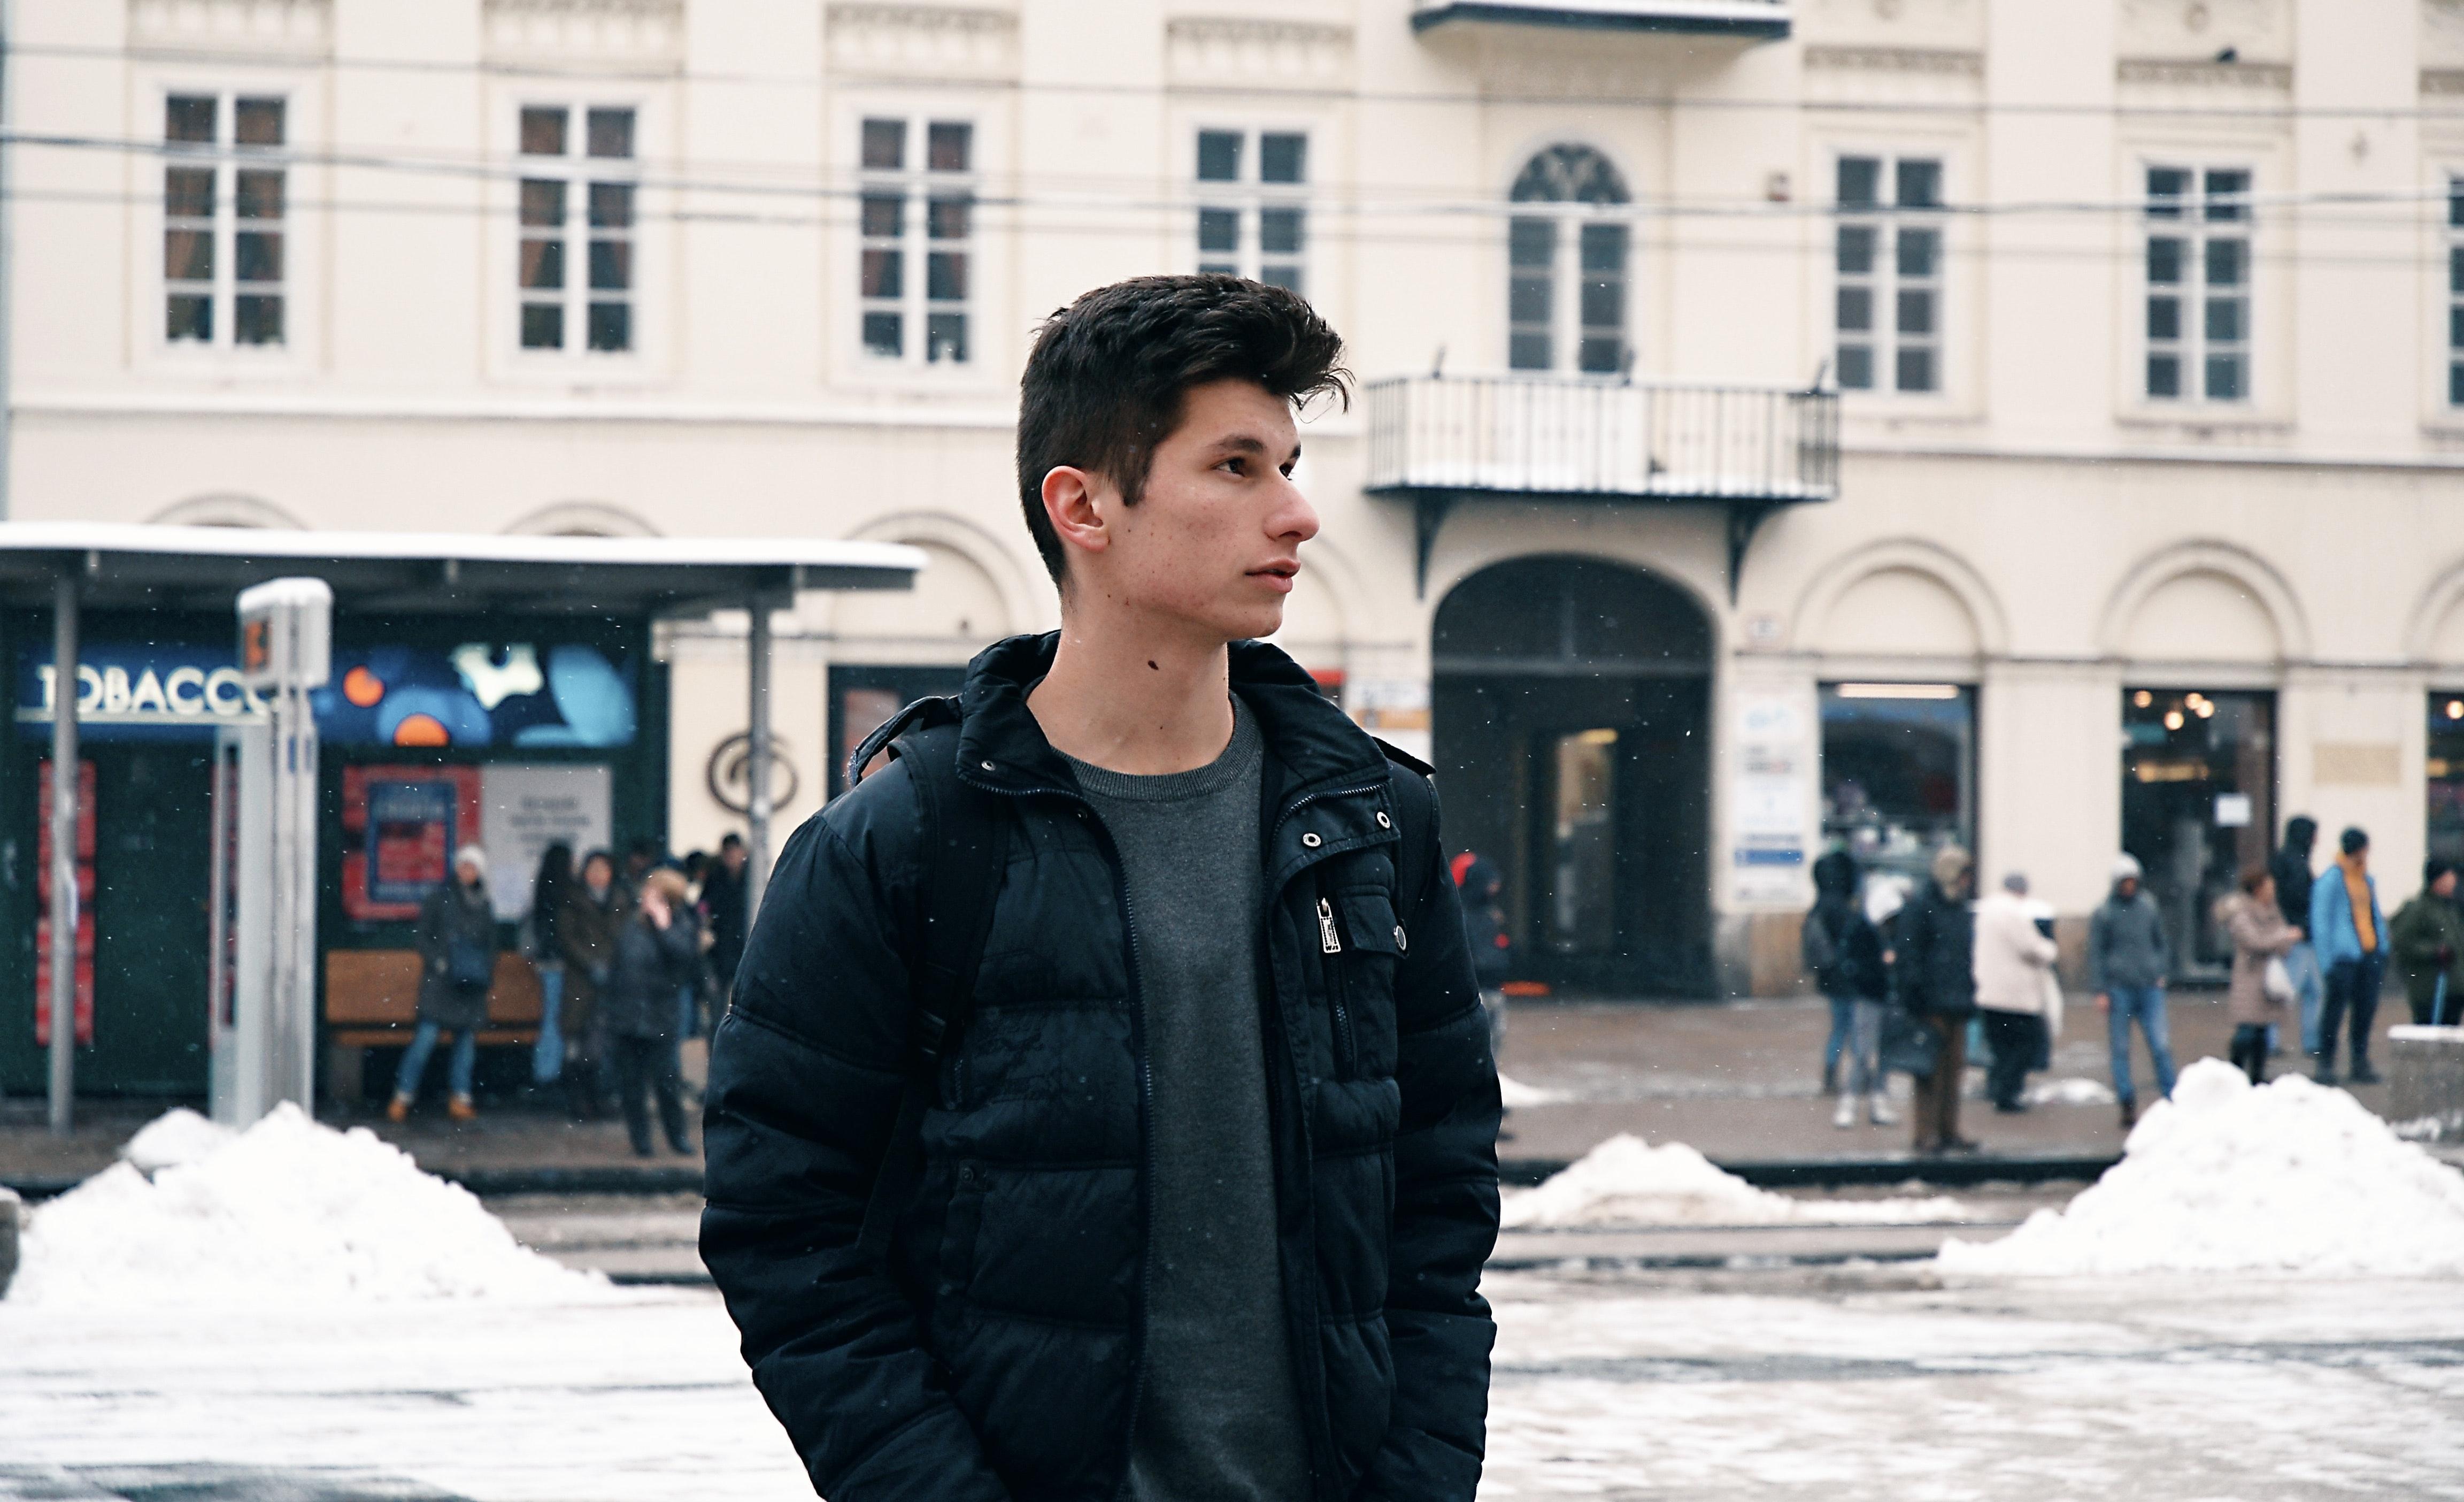 Man in Black Bubble Full-zip Jacket, Adult, Road, White, Wear, HQ Photo